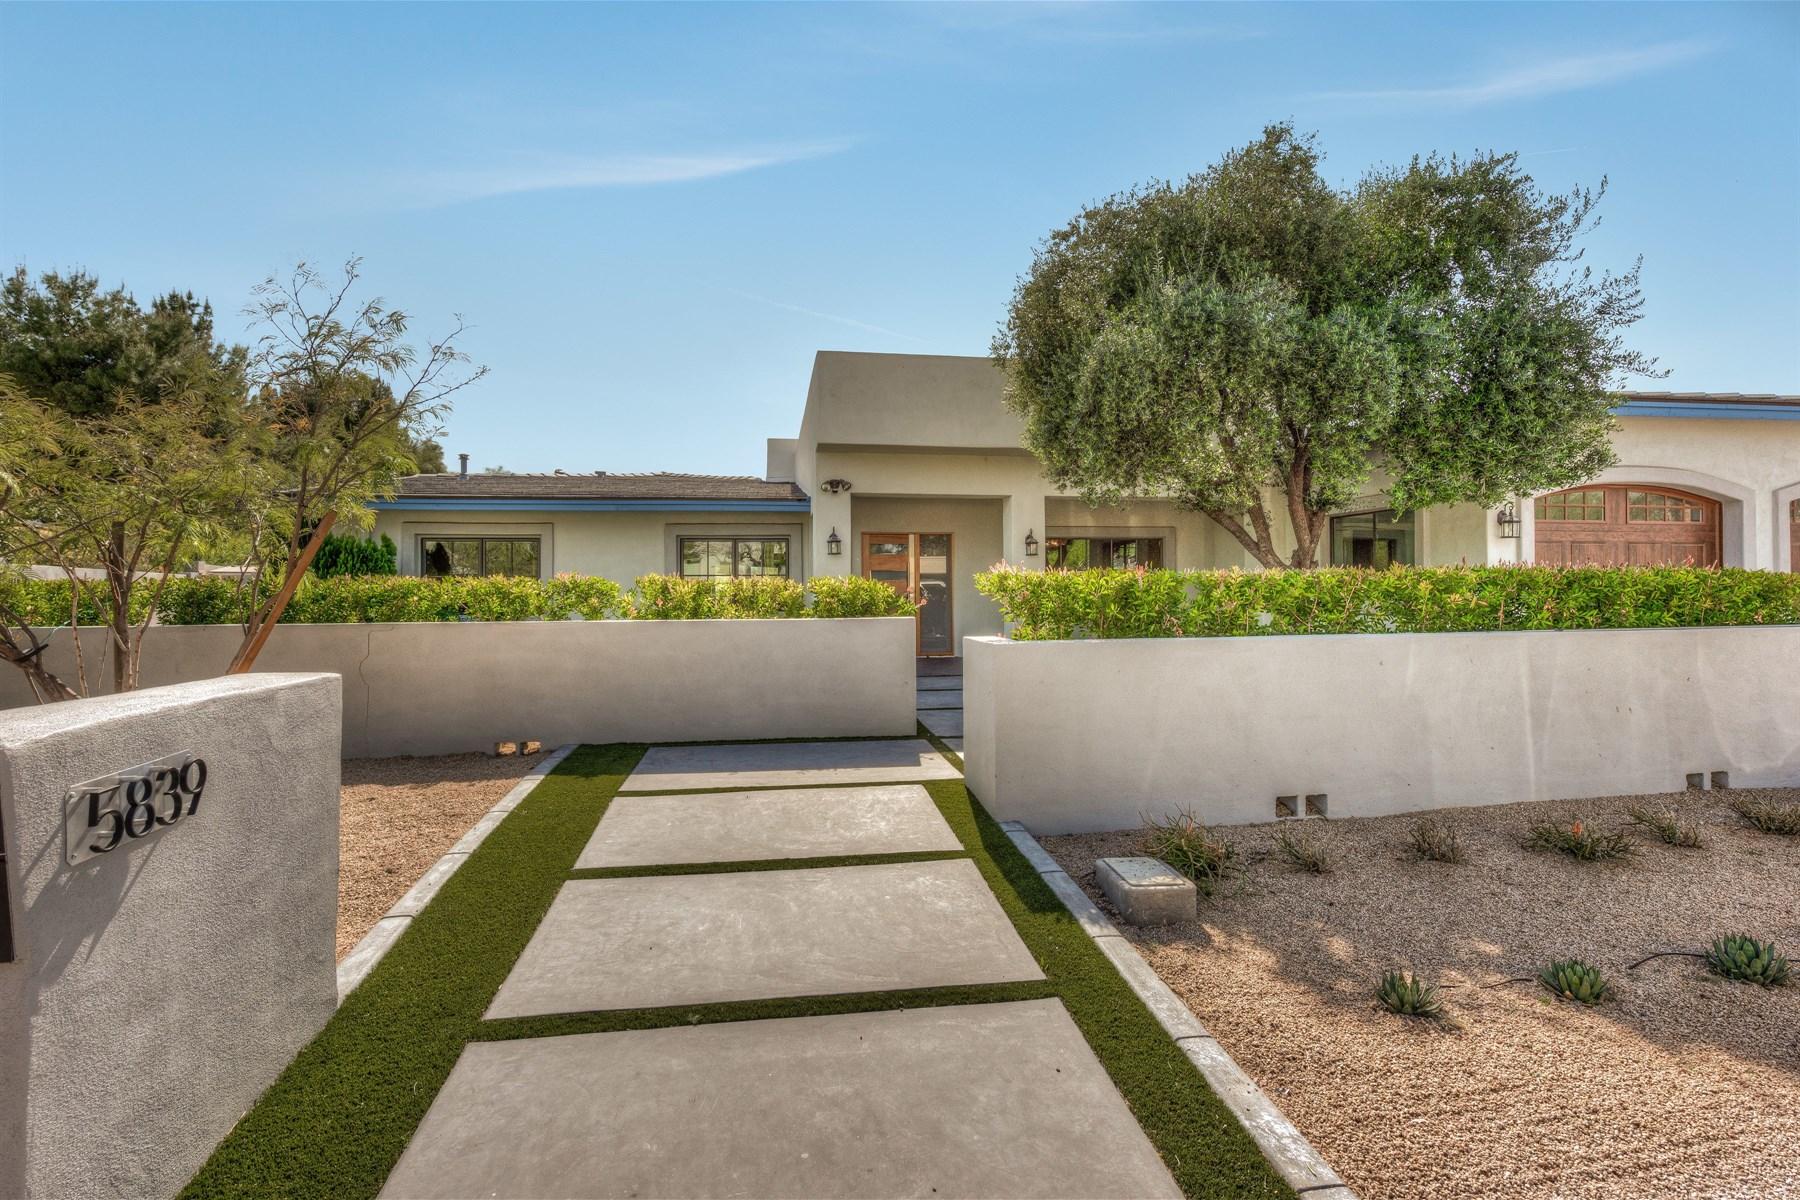 独户住宅 为 销售 在 Sophisticated California Coastal design with attention to detail 5839 E Onyx Ave 天堂谷, 亚利桑那州, 85253 美国